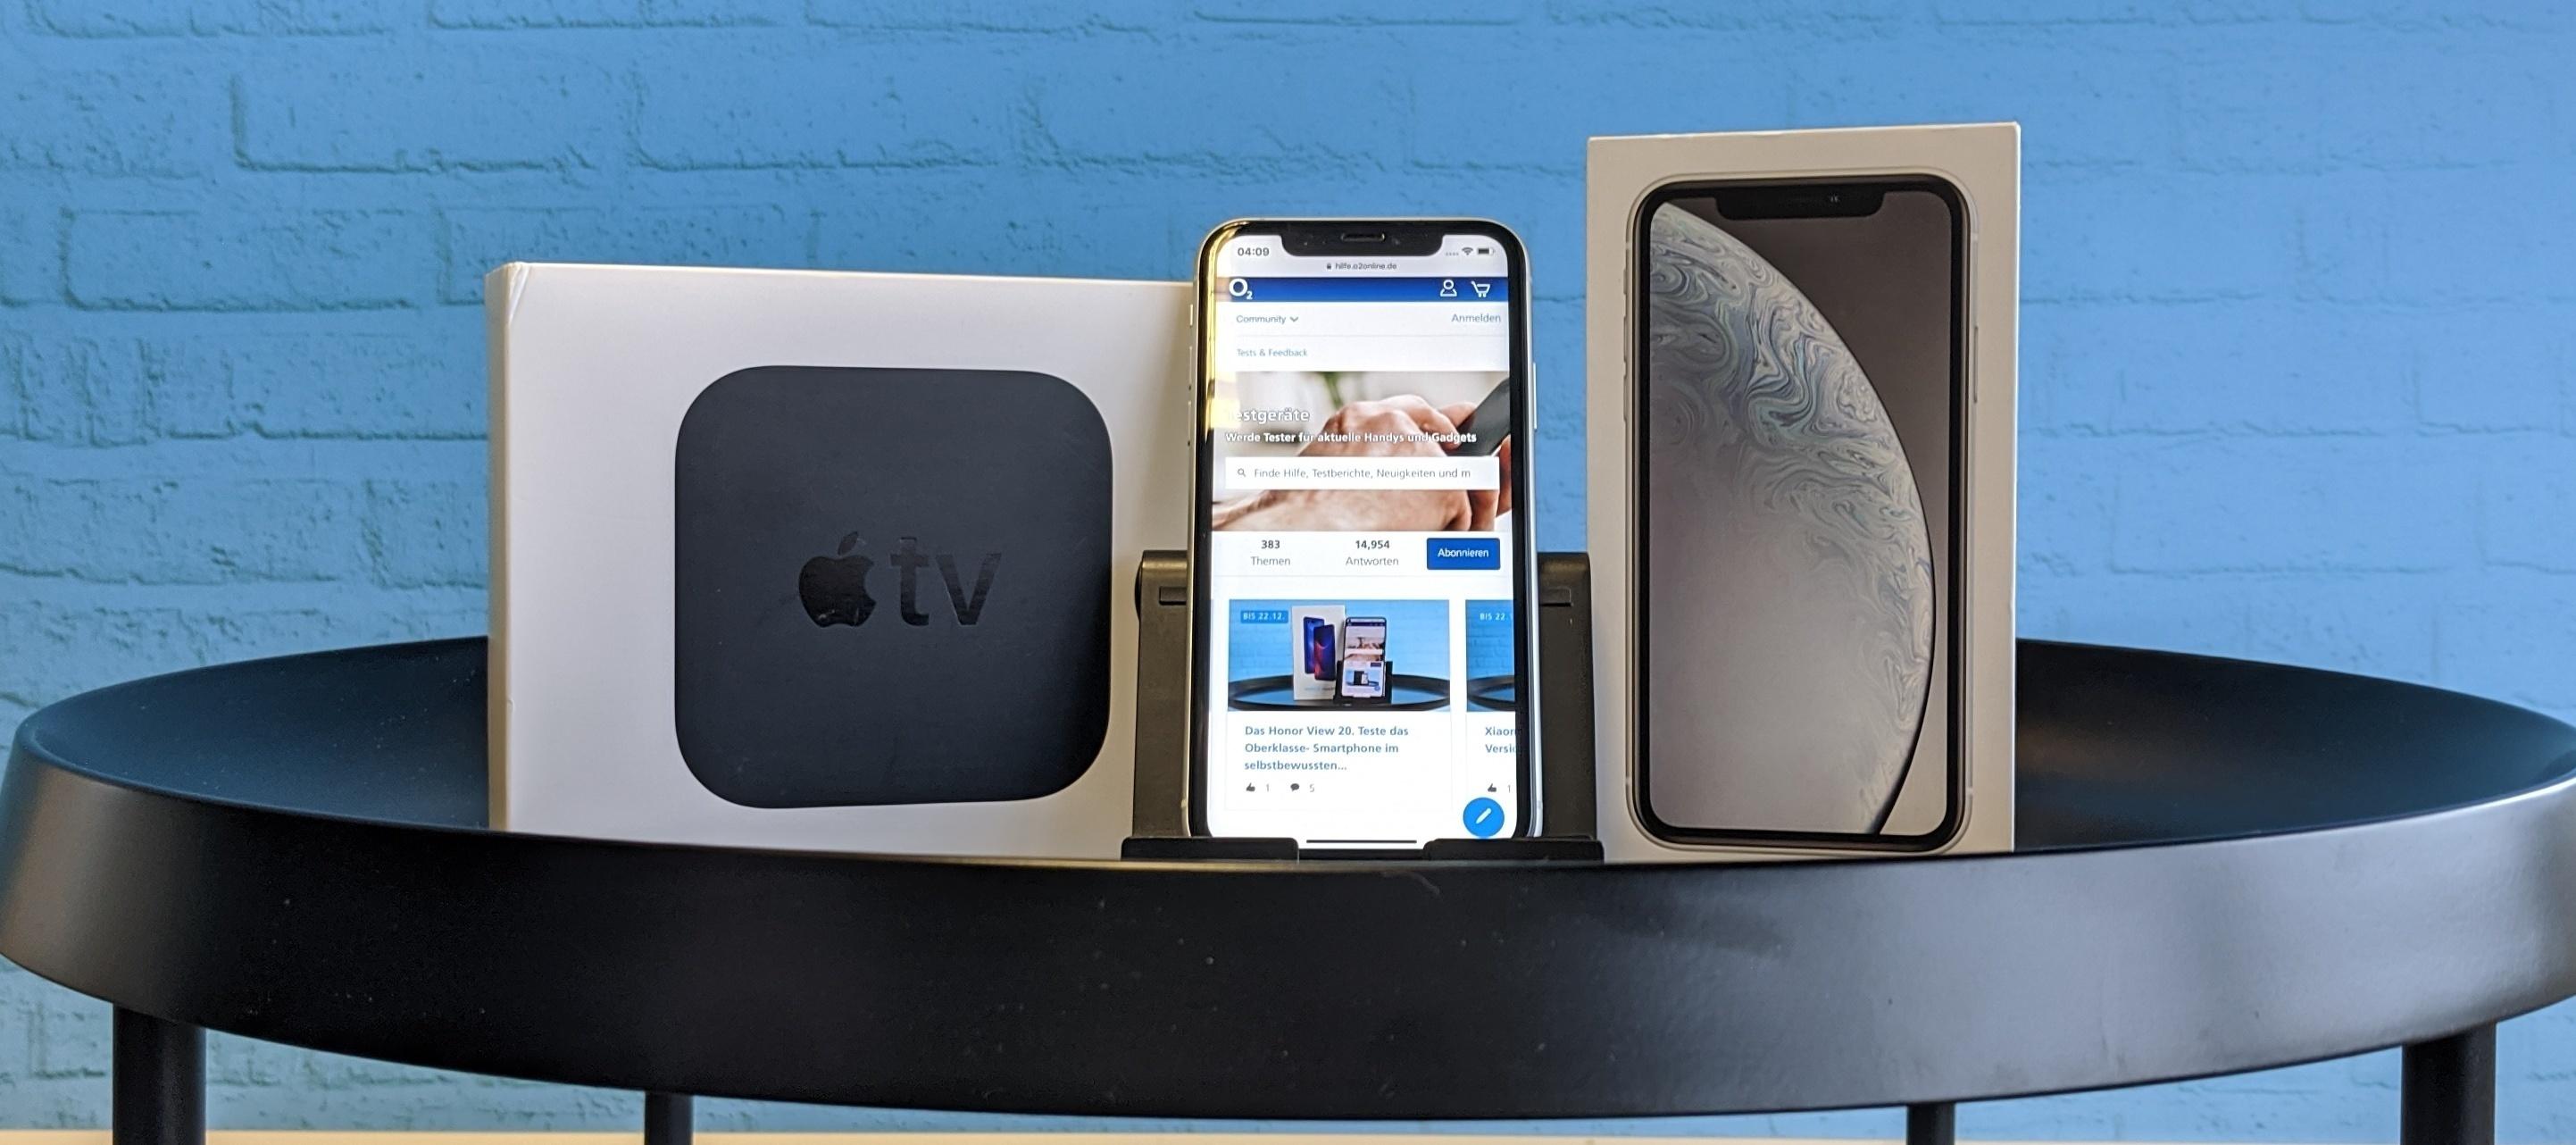 Produkttest Apple TV & iPhone XR - Siri wir suchen ein/e Produkttester/in